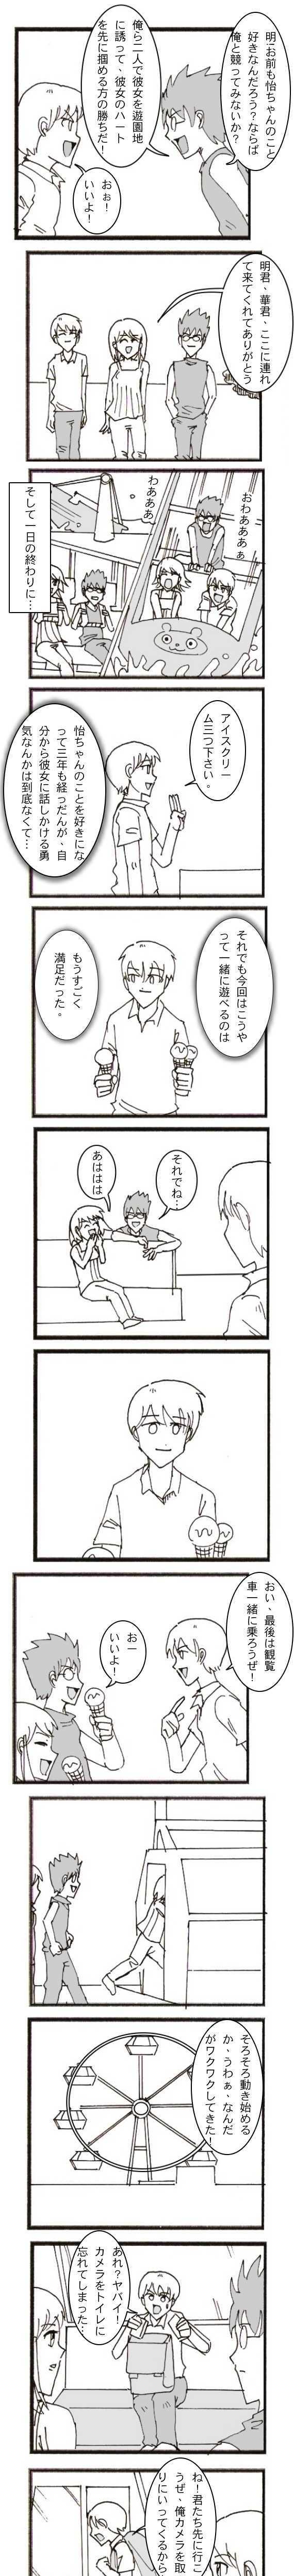 漫画-観覧車